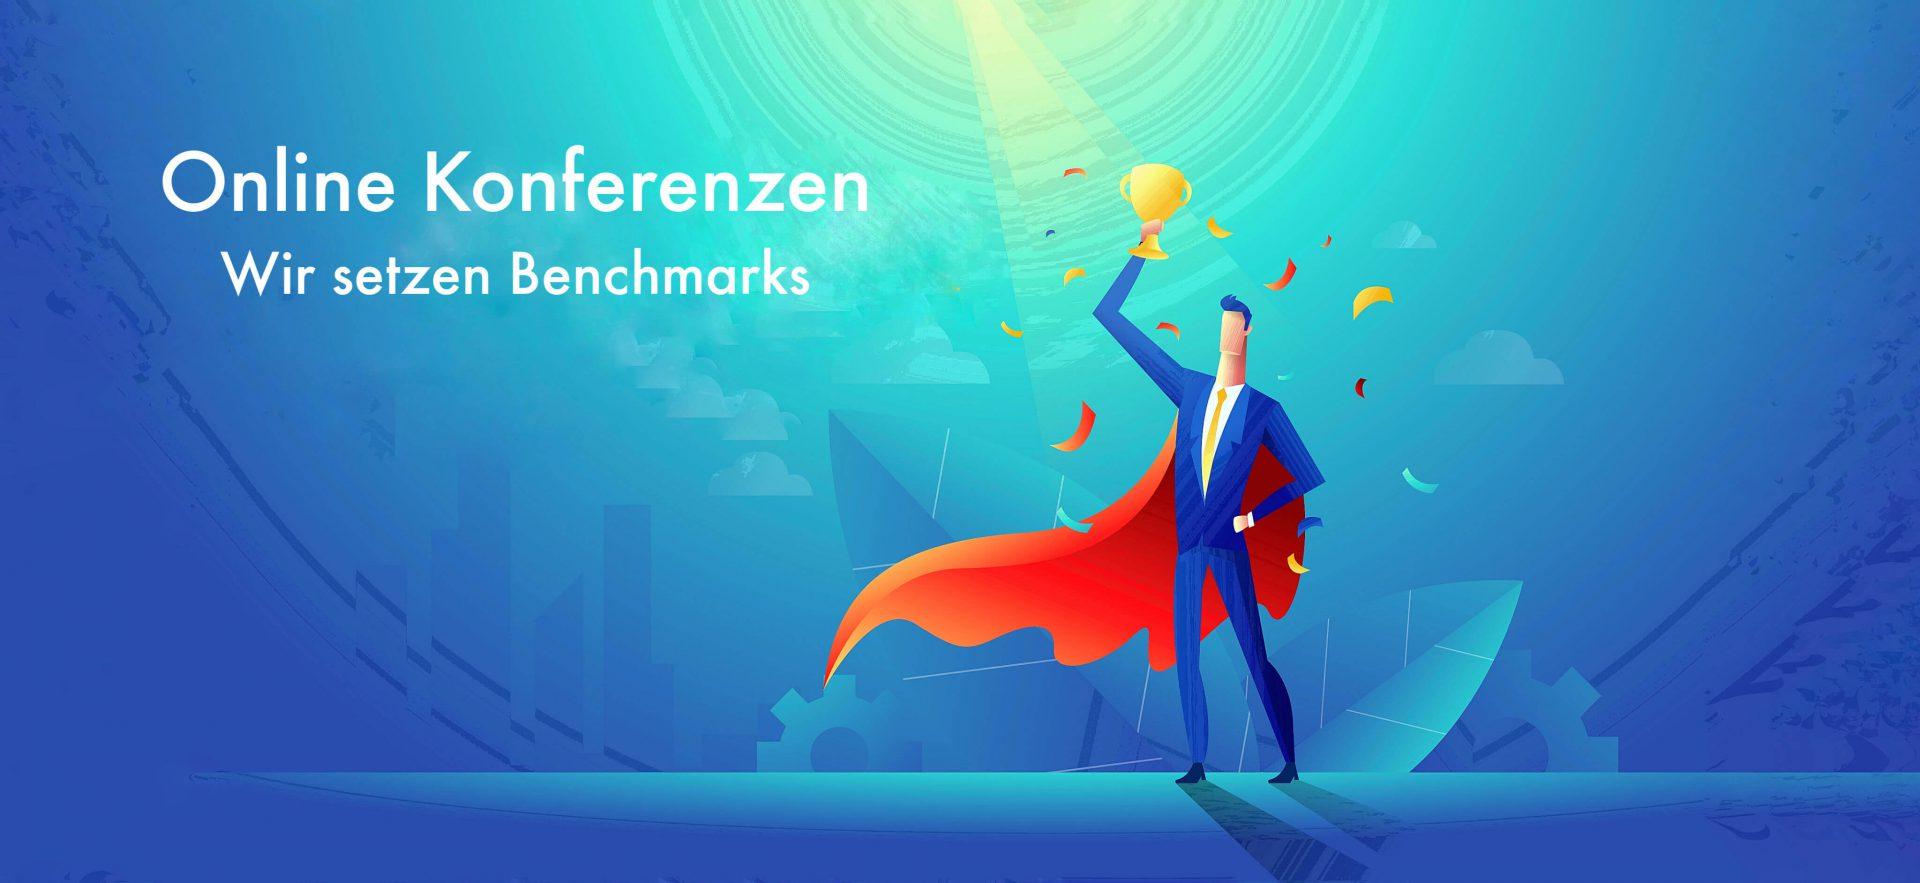 Online Konferenzen Benchmark